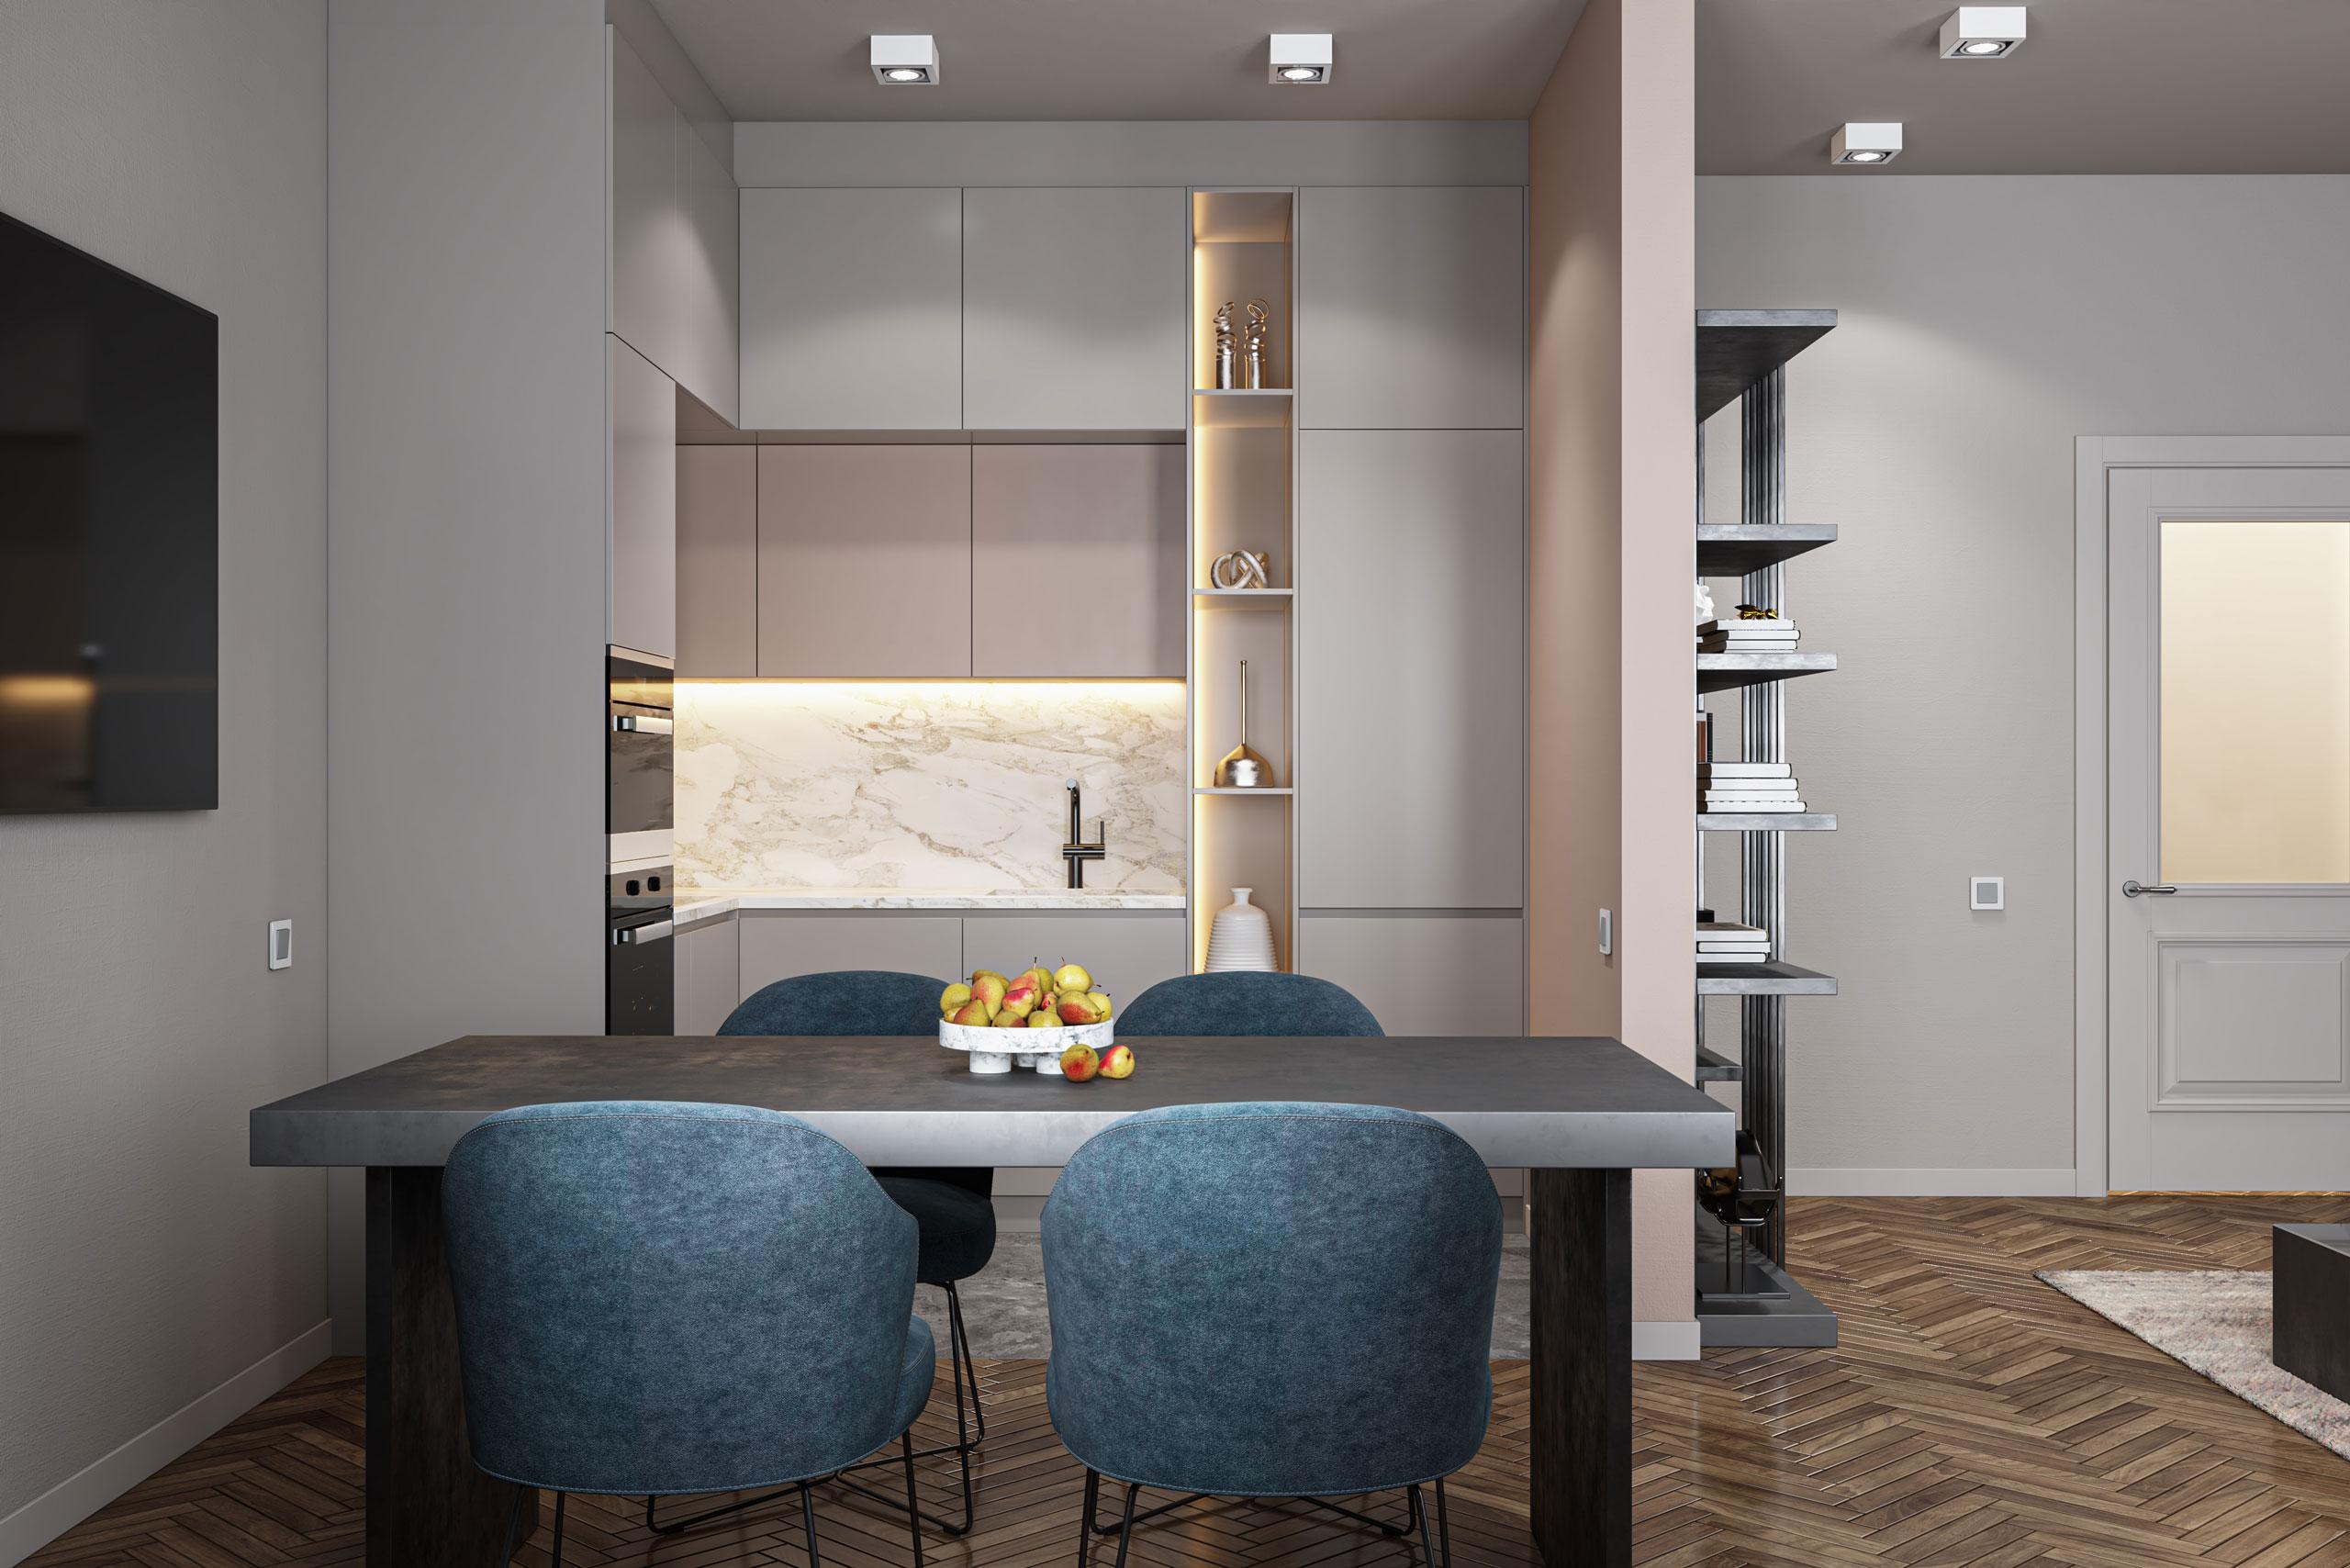 3D Visualisierung Küche